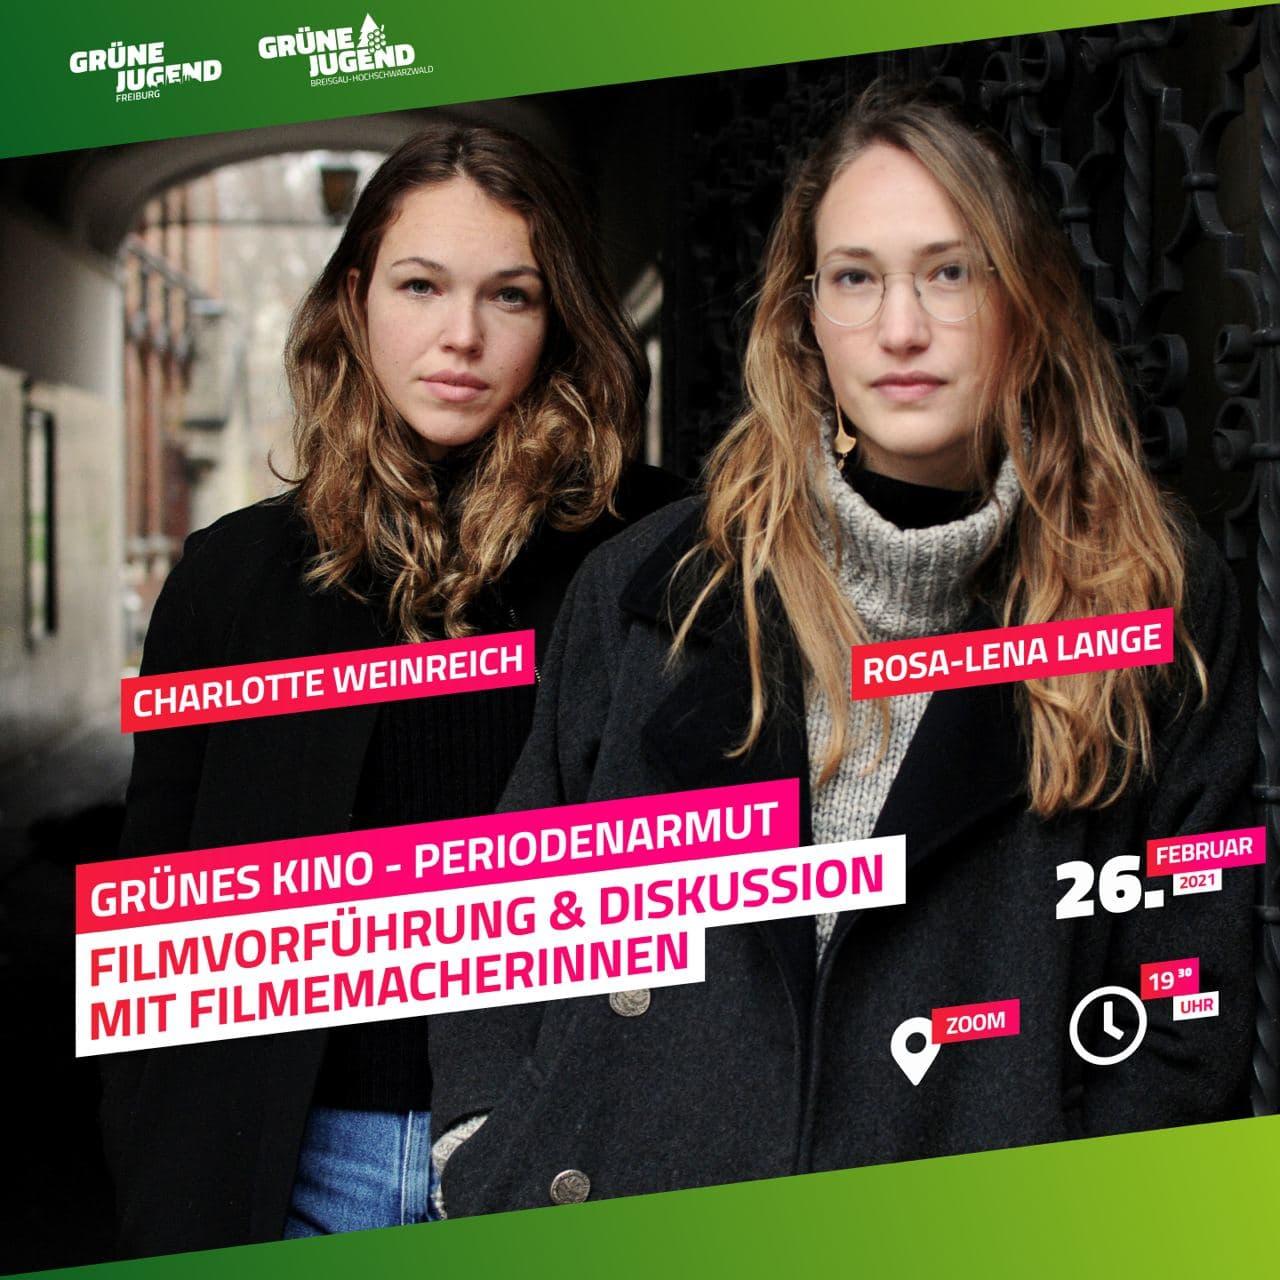 Grünes Kino zu Periodenarmut der Grünen Jugend Freiburg & Breisgau Hochschwarzwald